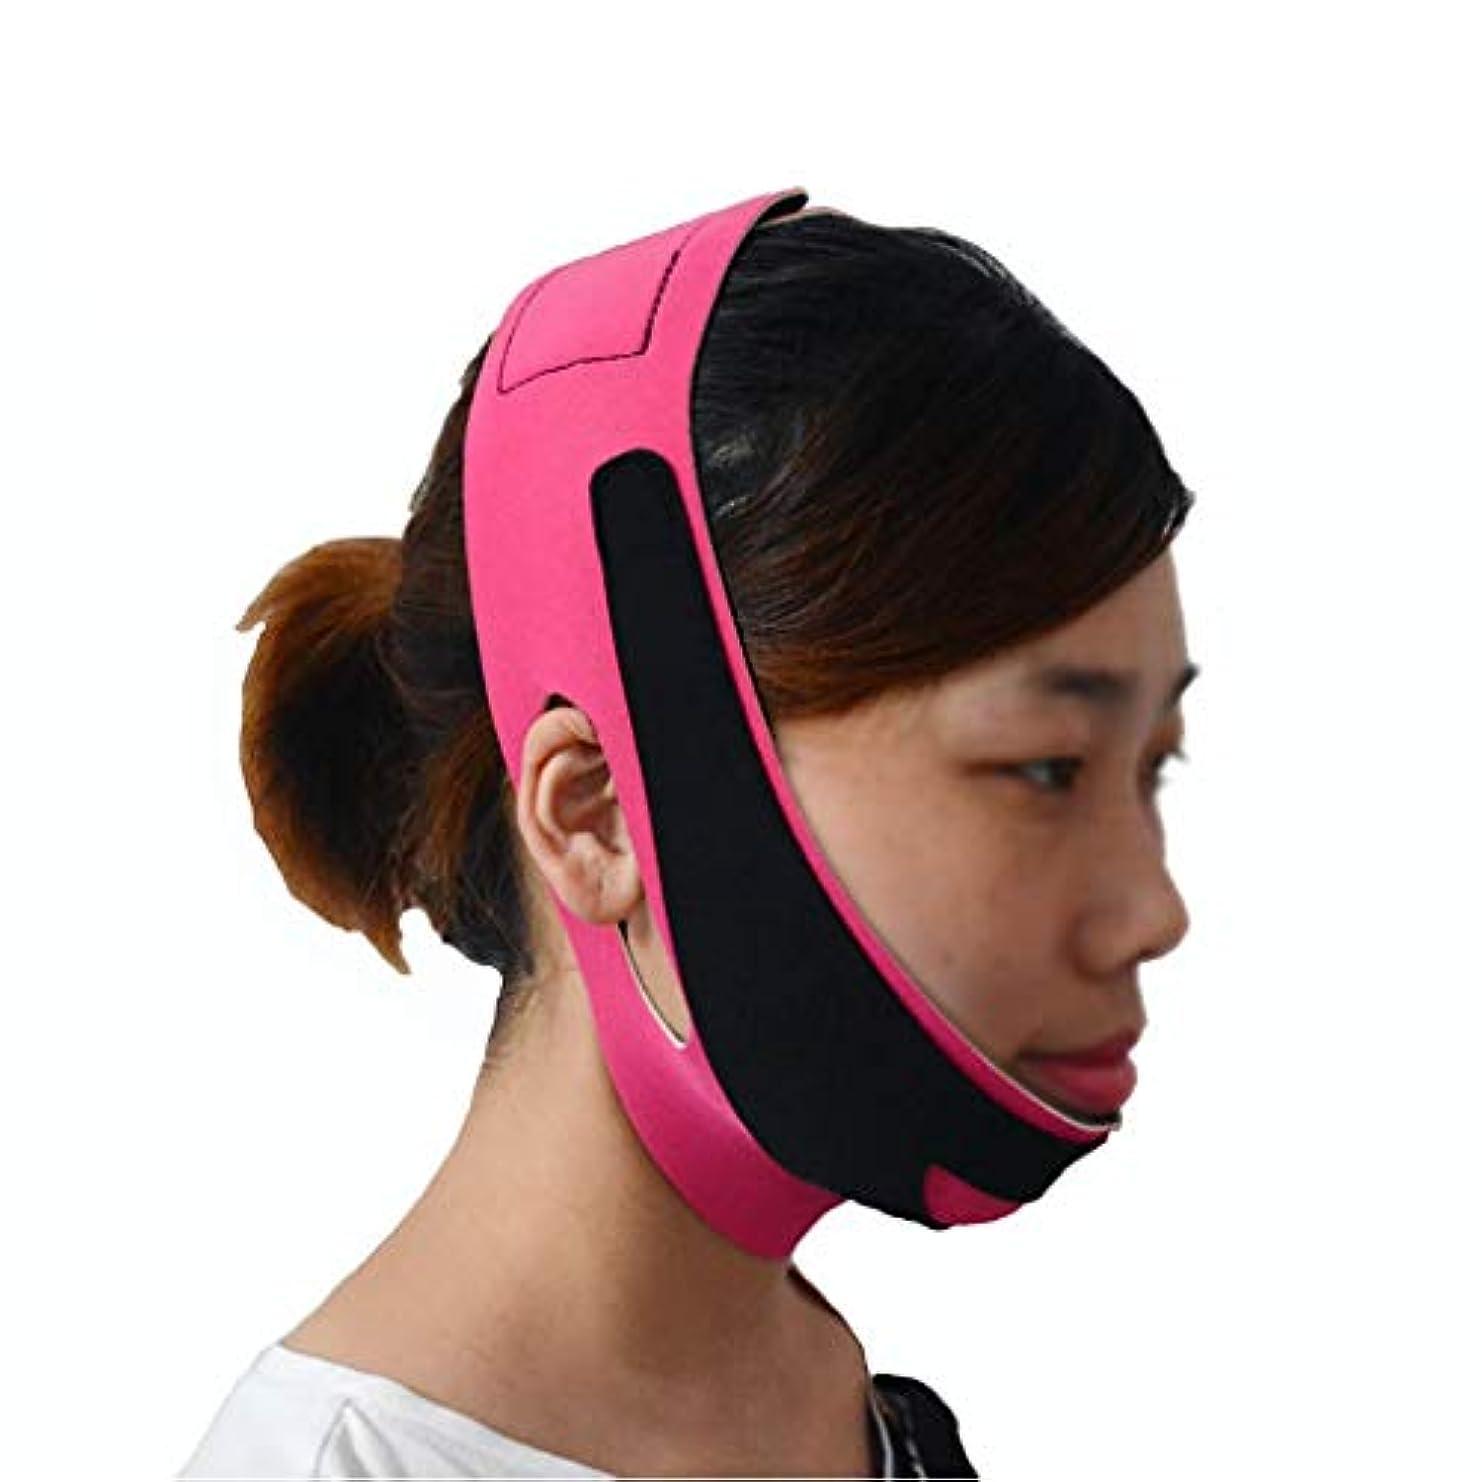 程度ベスト前奏曲顔面マスク、顔面リフトマスク薄い顔をあごに薄く包帯V顔アーティファクトに直面する